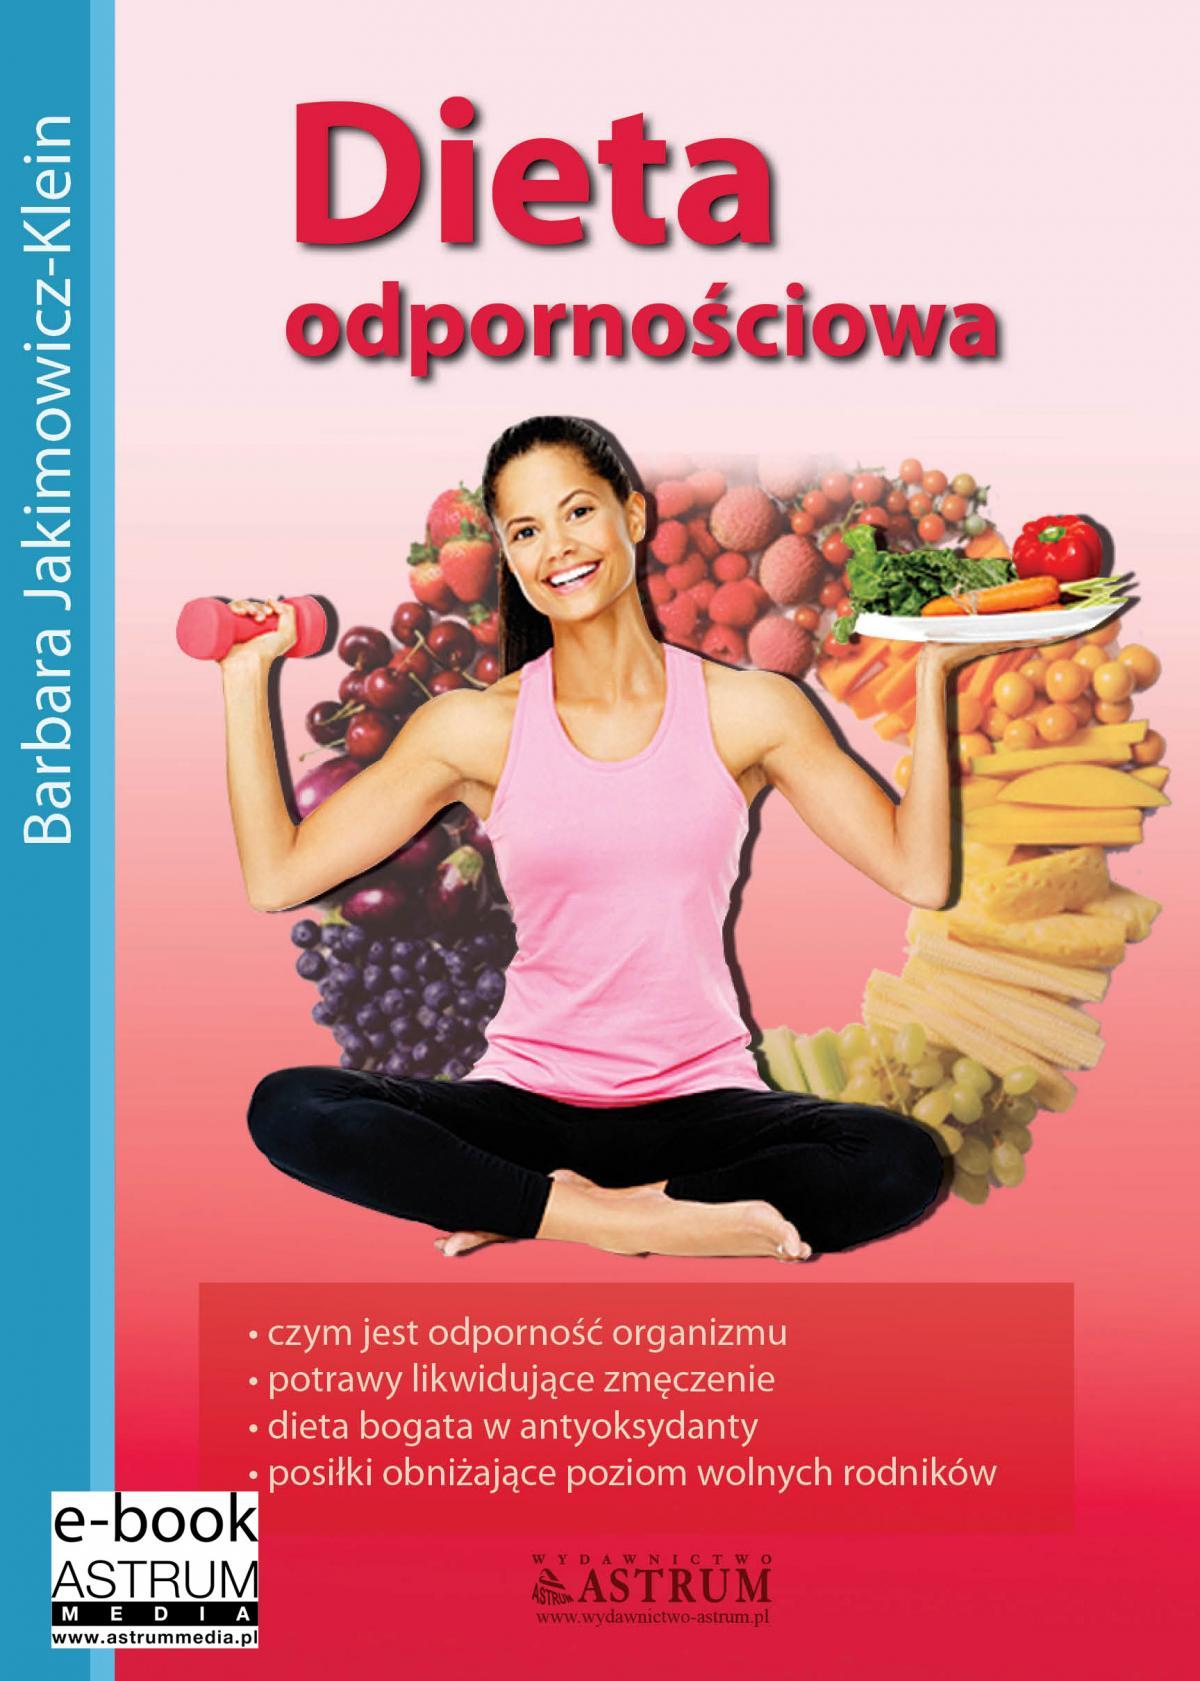 Dieta... - Ebook (Książka PDF) do pobrania w formacie PDF